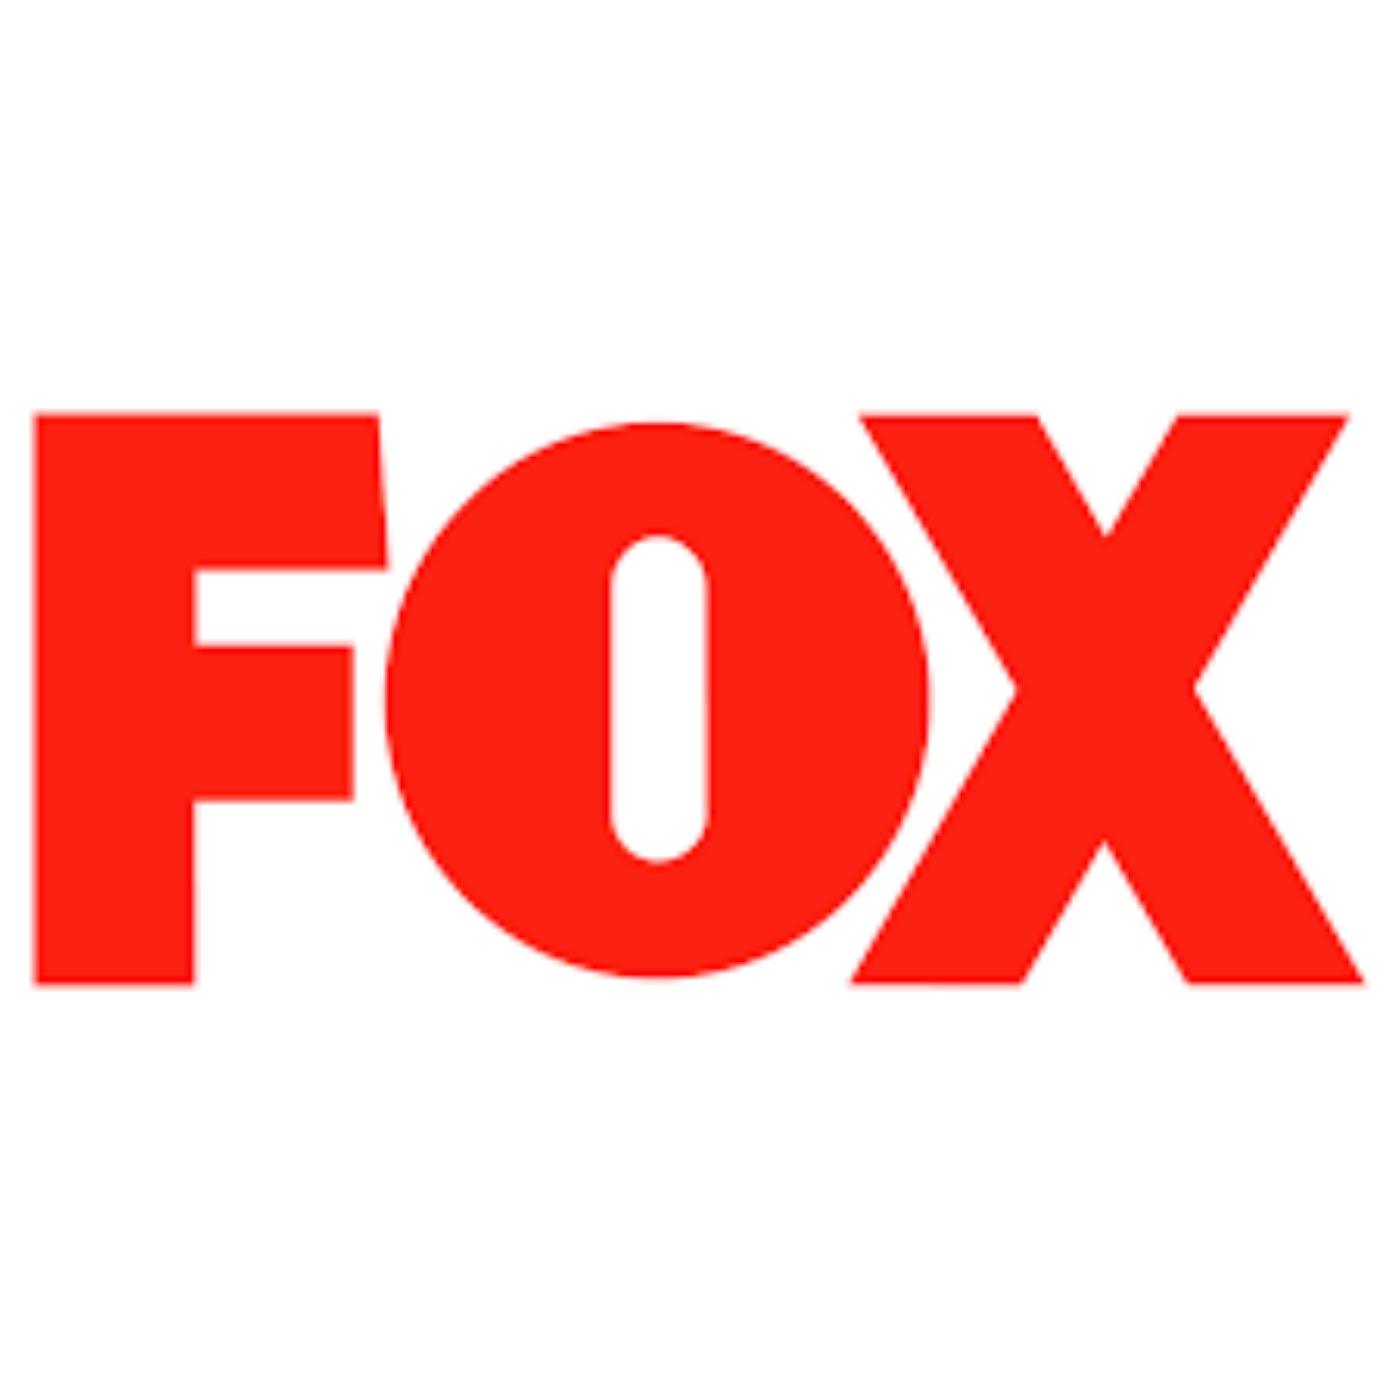 FOX Yayın Akışı - FOX 'da Bugün Neler Var ?